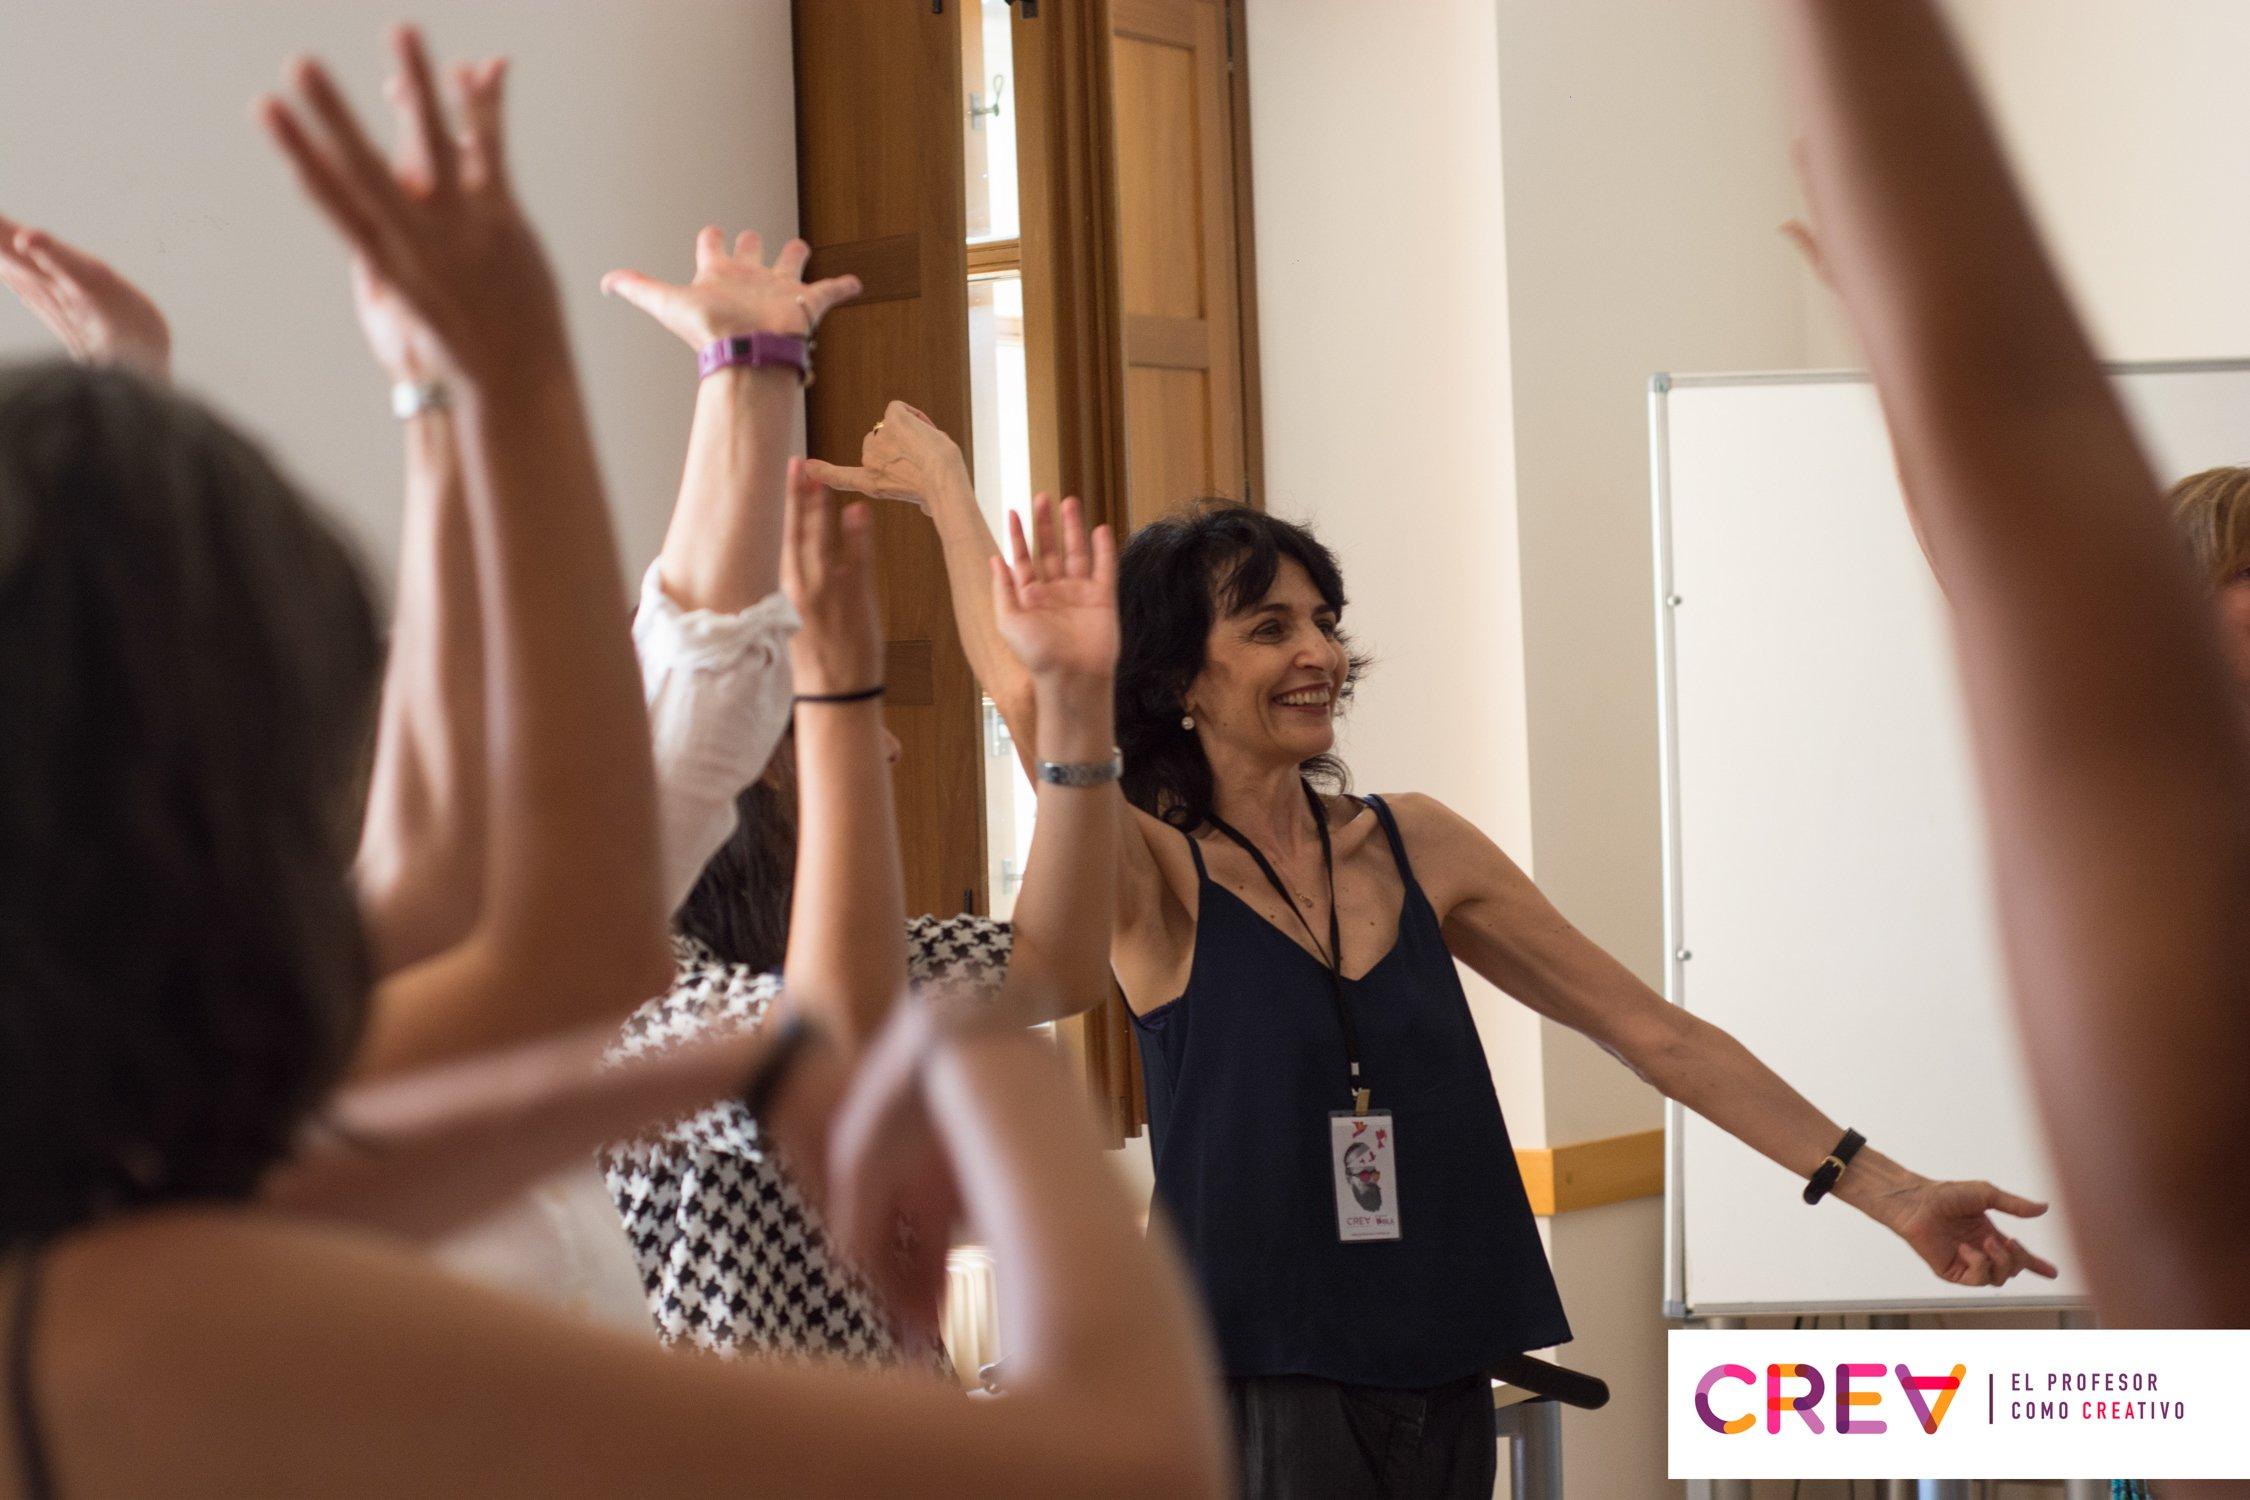 crea profesores creativos